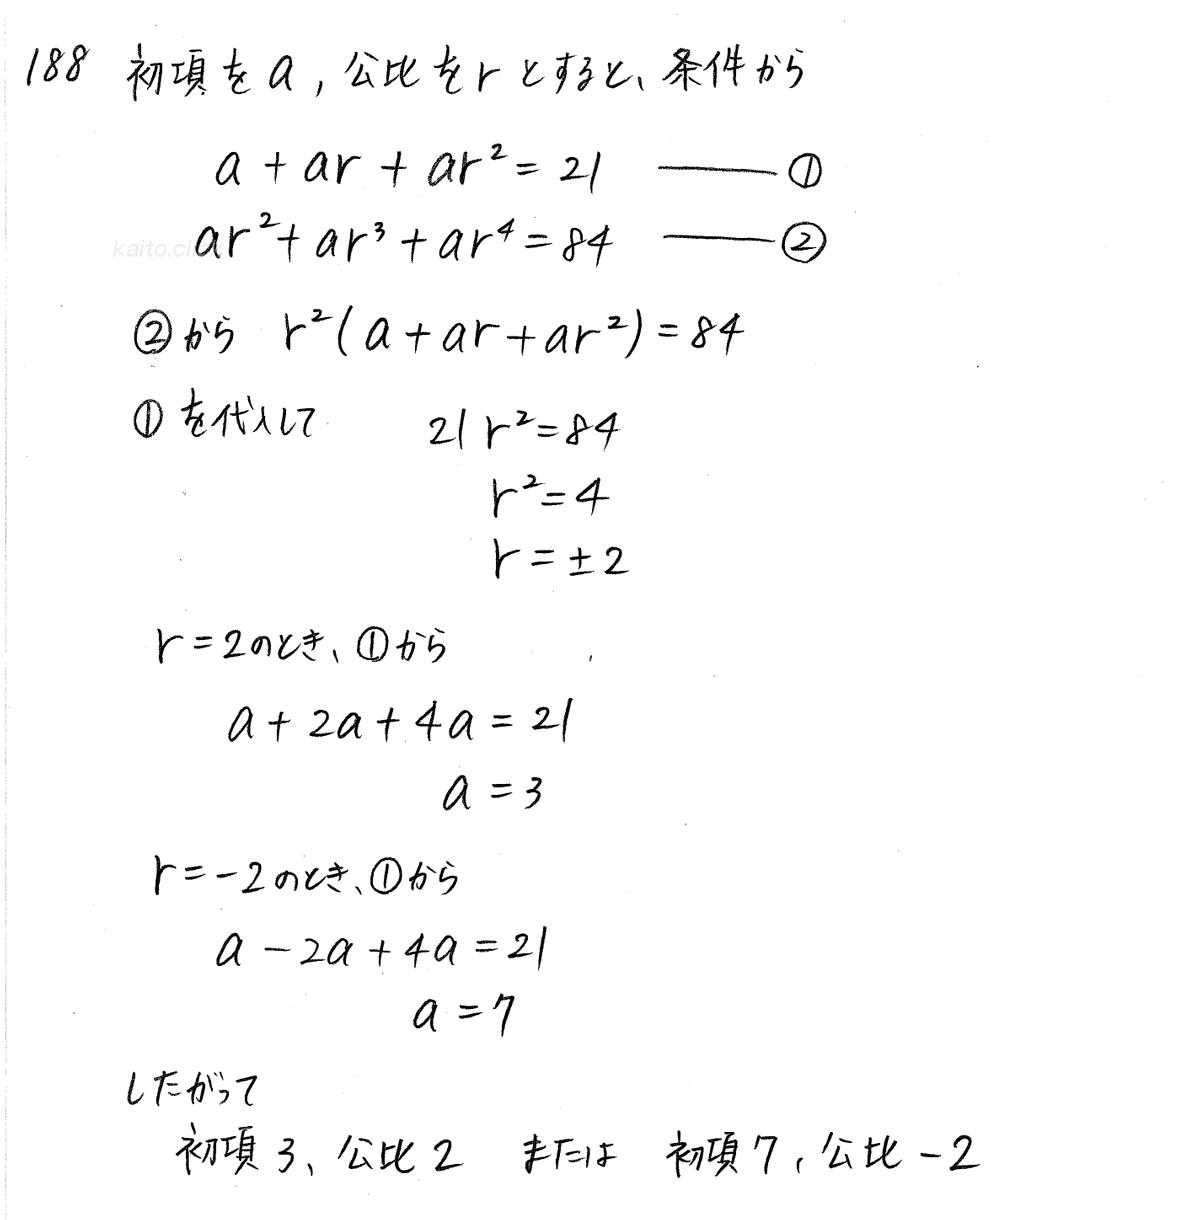 クリアー数学B-188解答